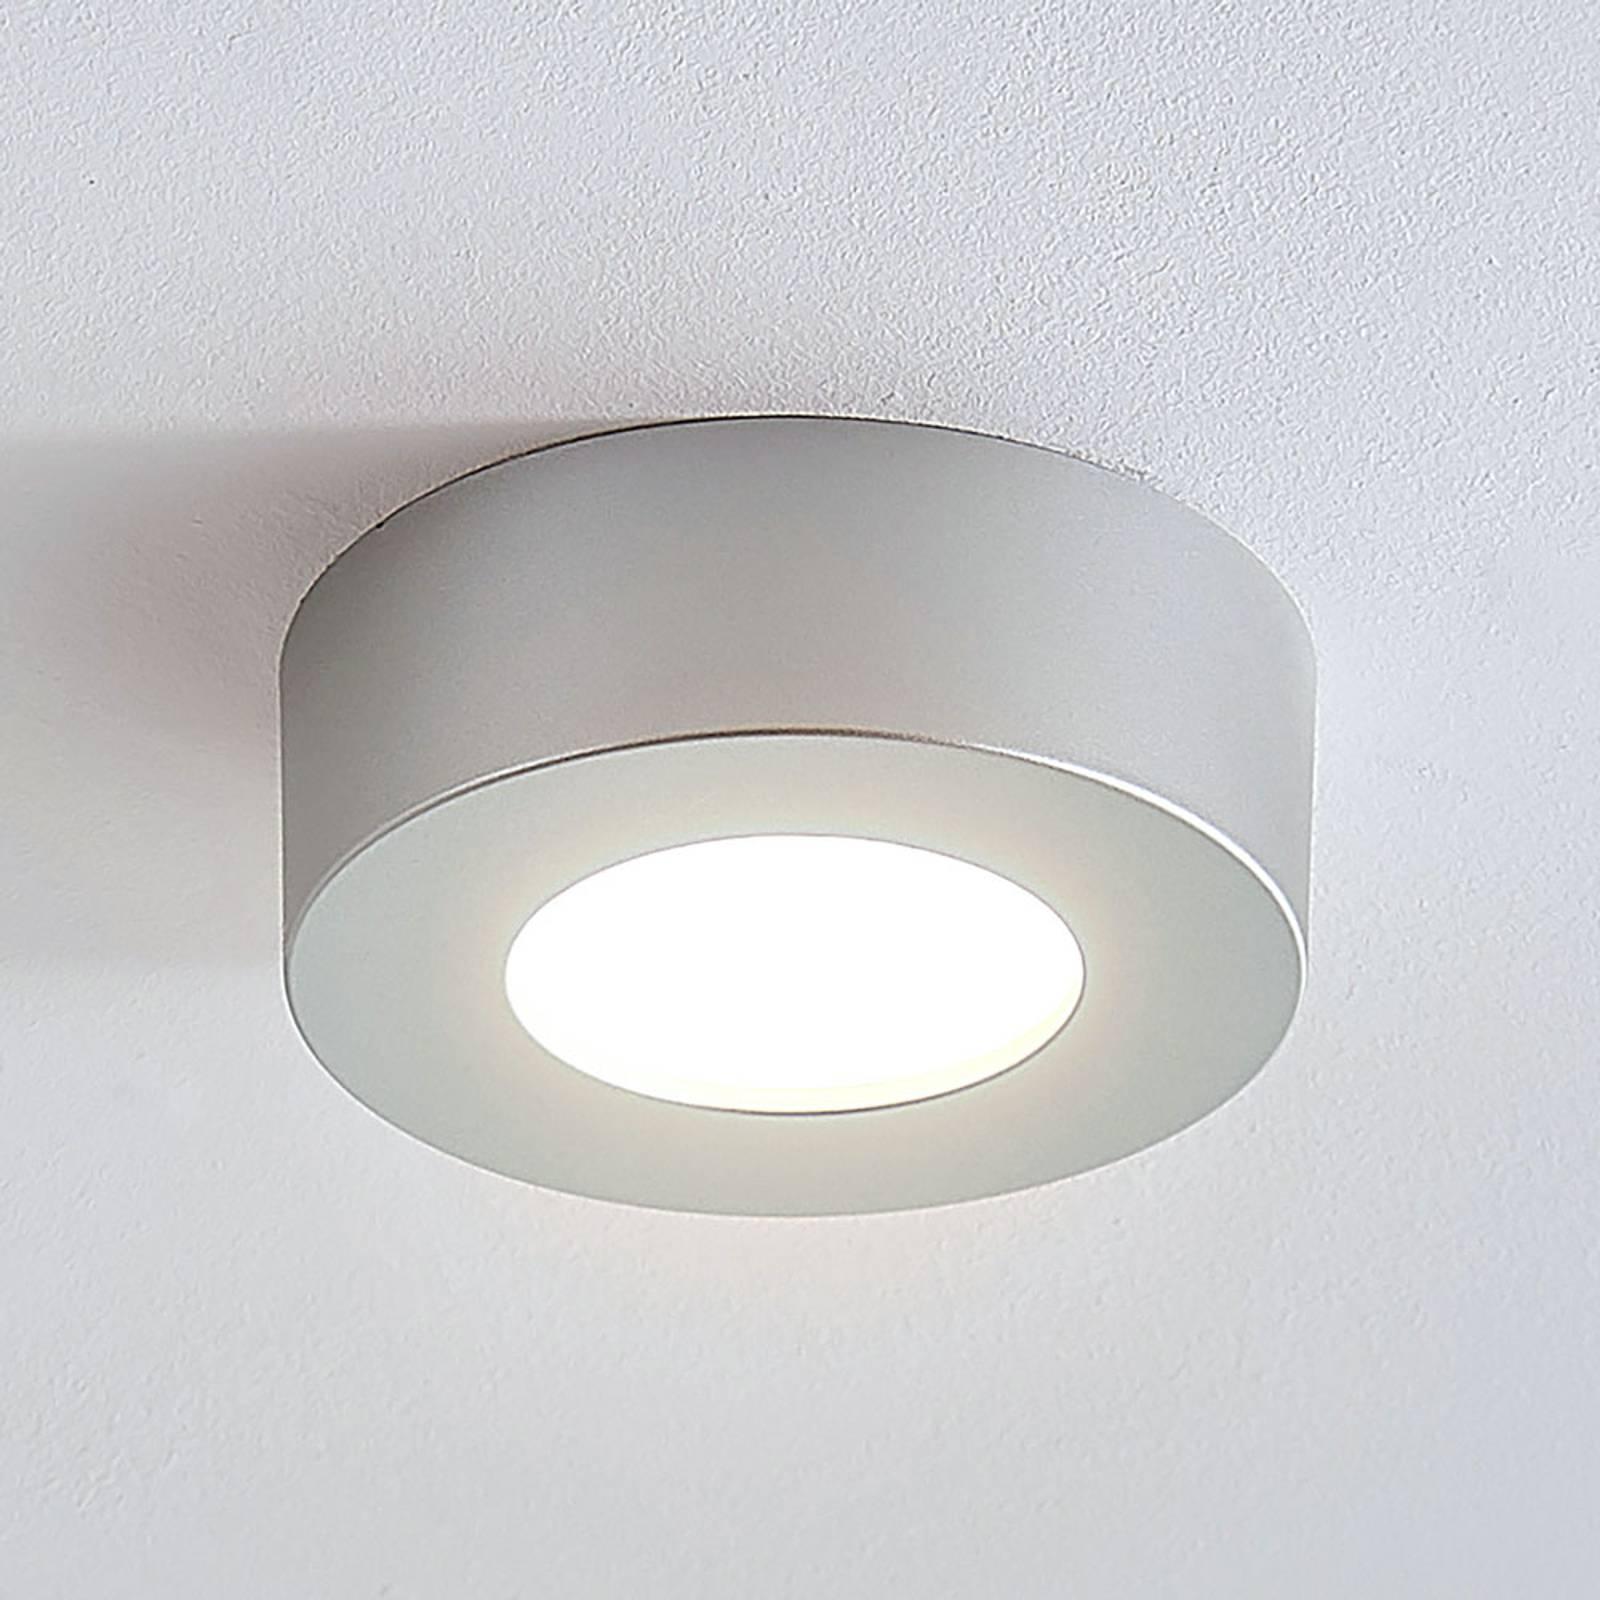 LED-kattovalo Marlo hopea 3 000 K pyöreä 12,8 cm